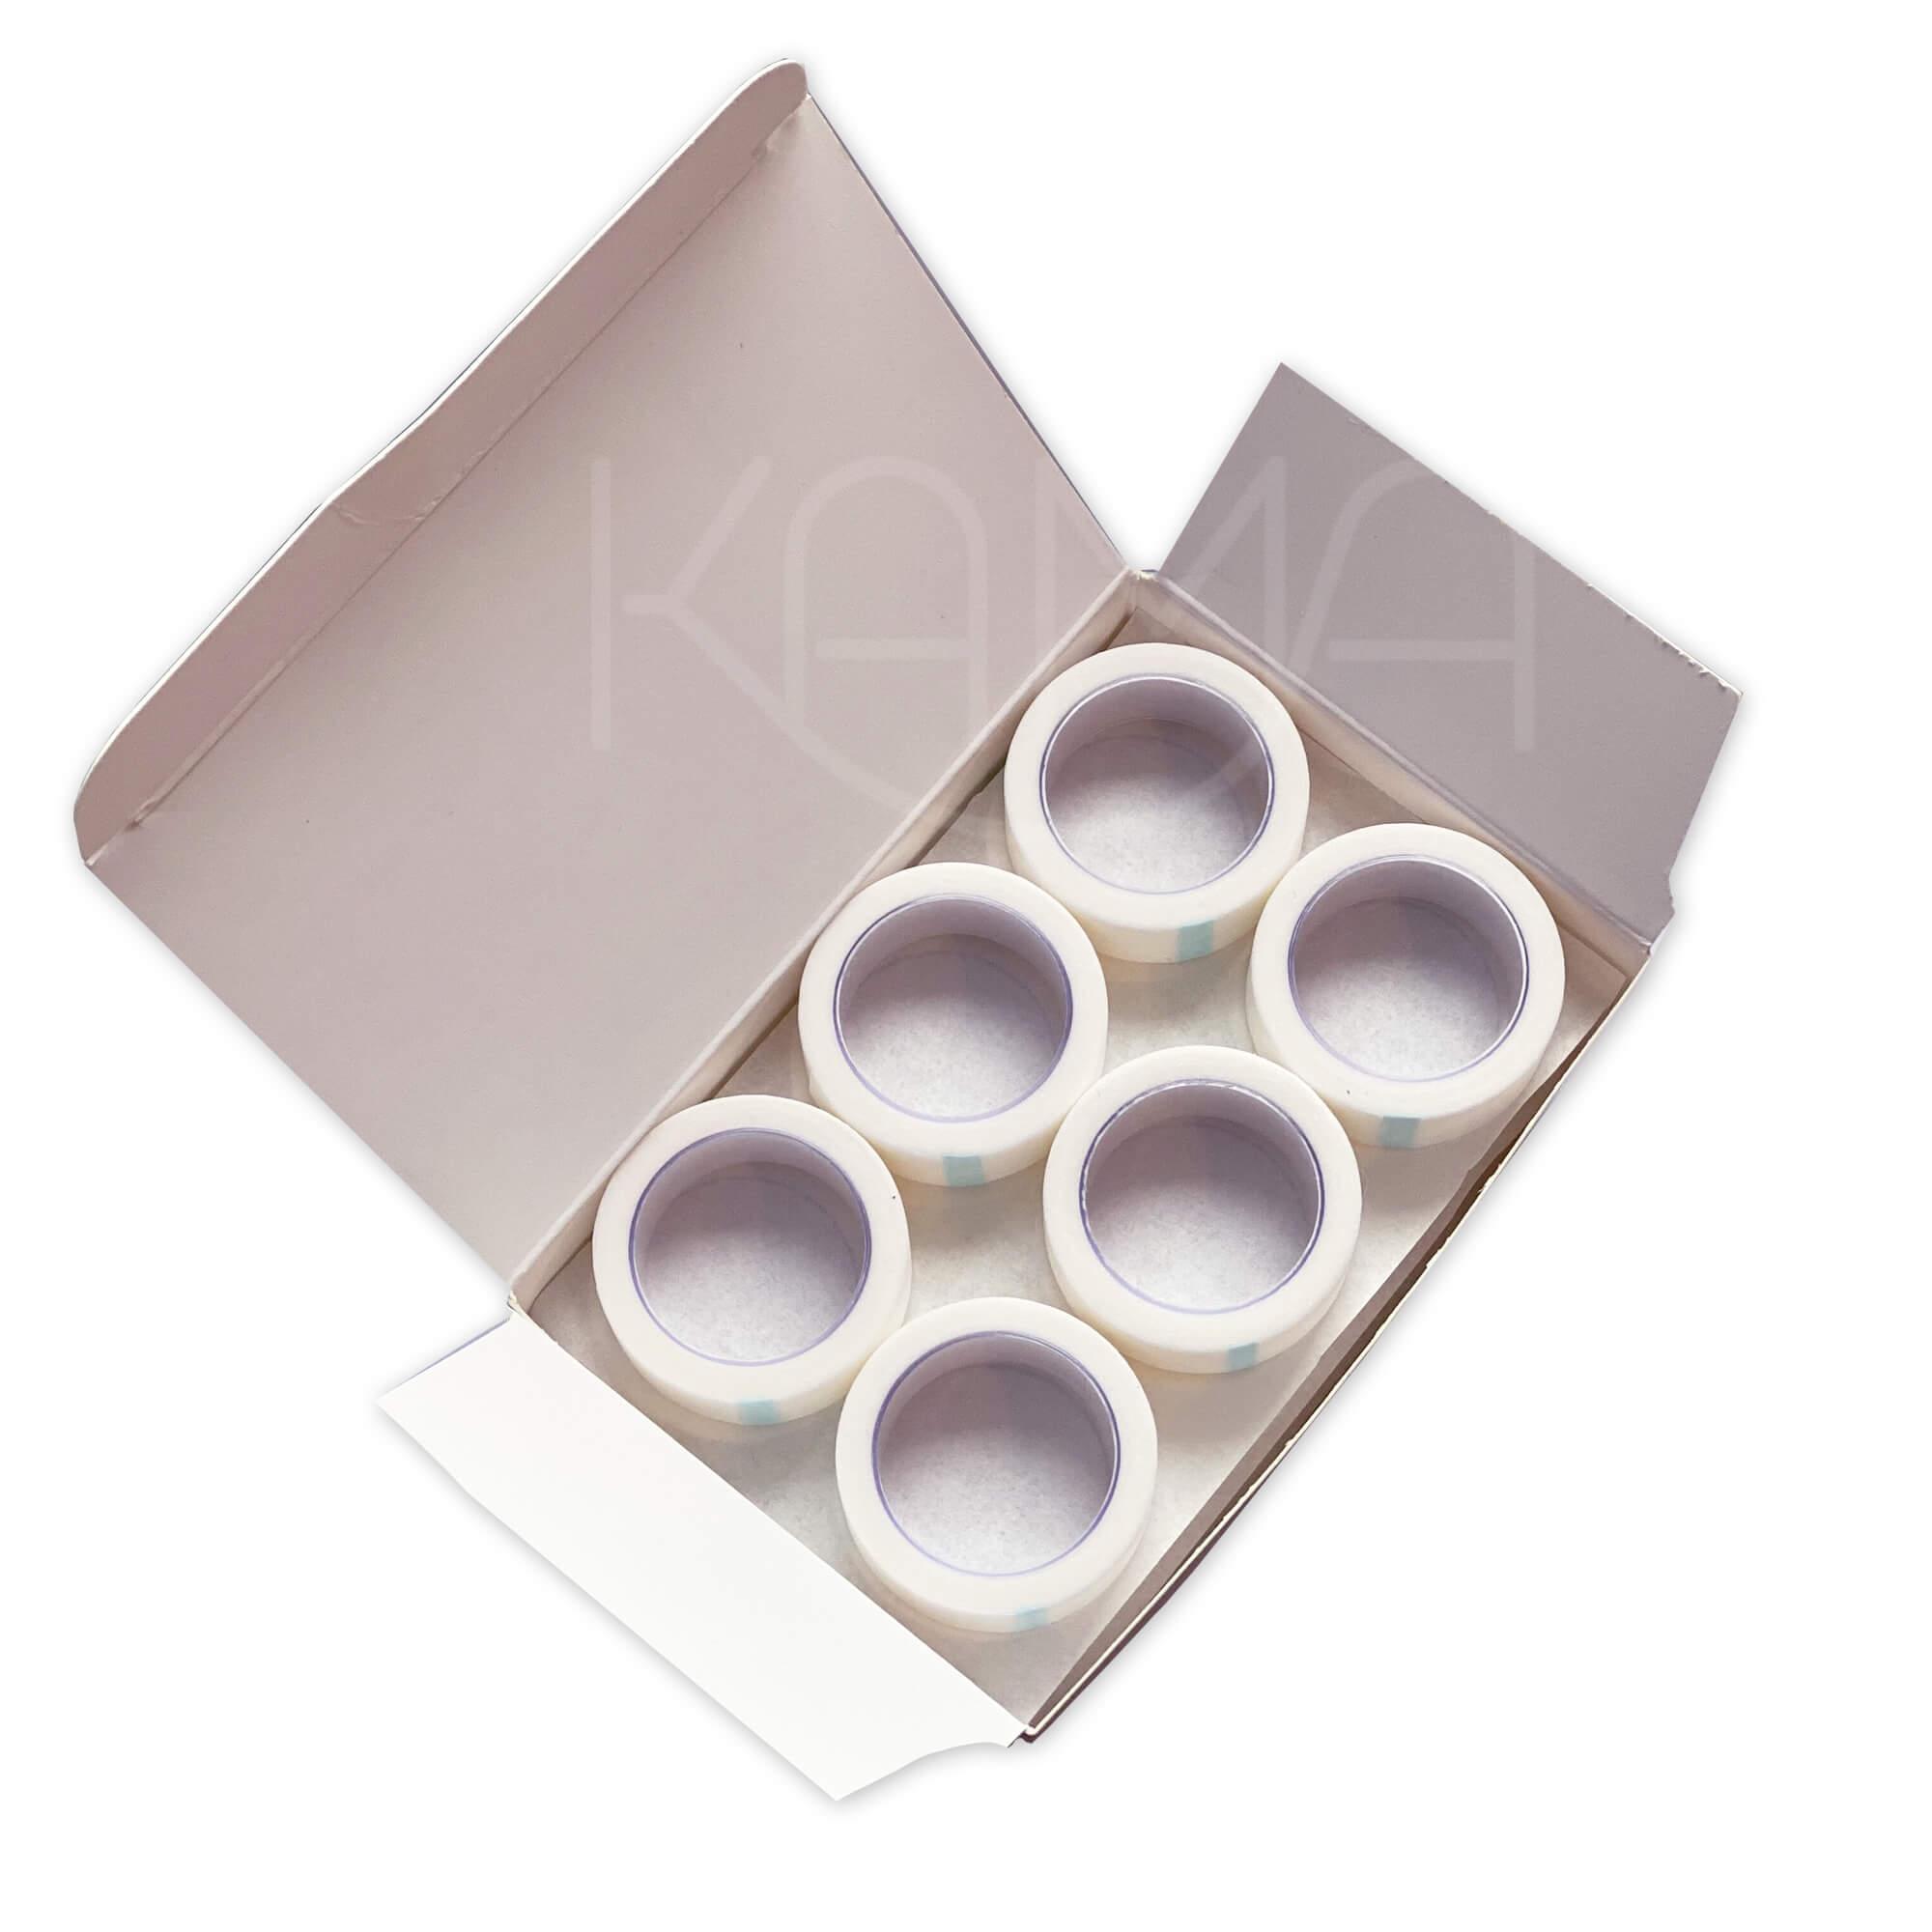 Пластырь на бумажной нетканой основе белый 1,25х500 см, № 24